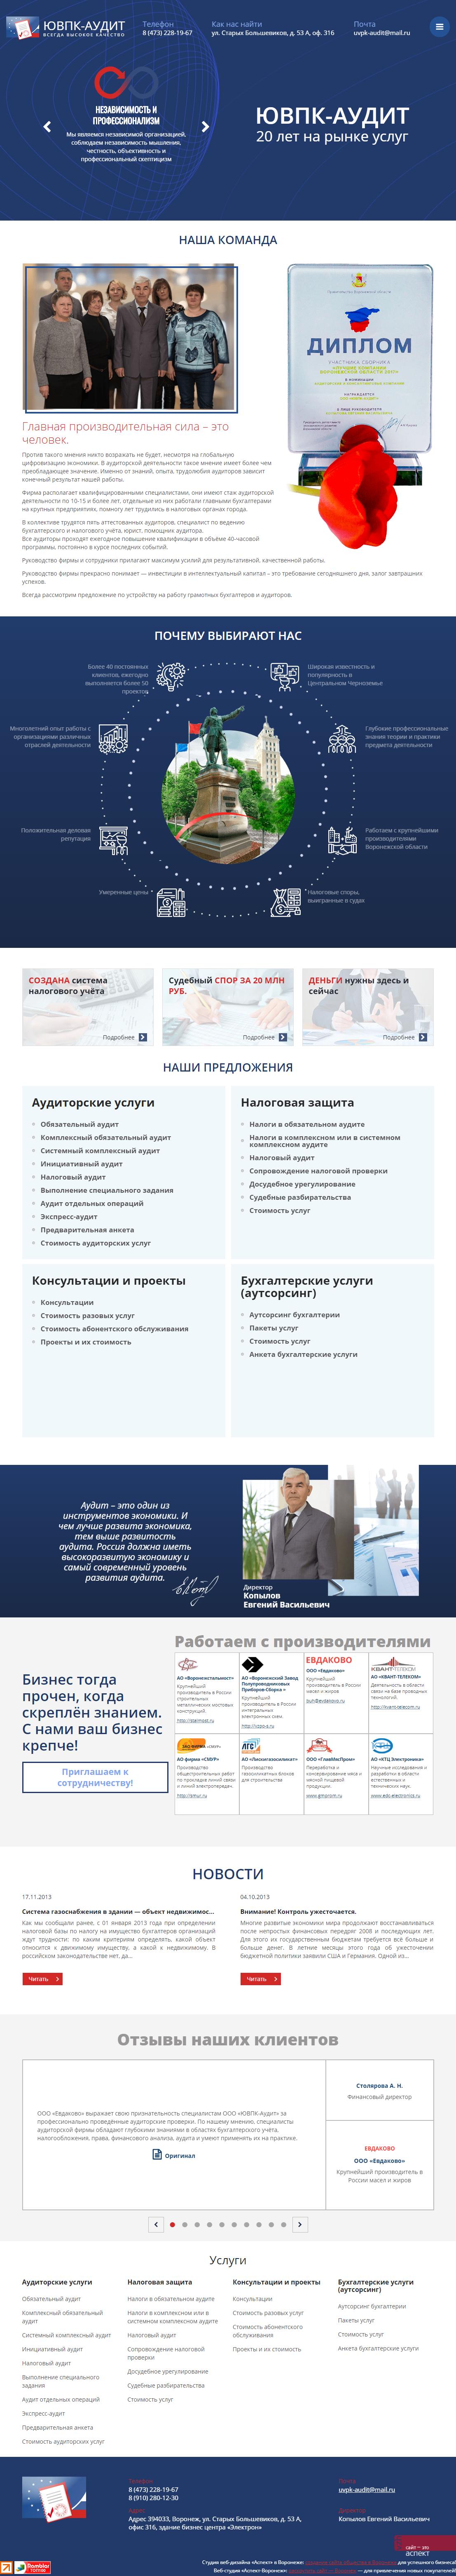 бухгалтерия создание сайтов примеры ЮВПК-Аудит 1000 px